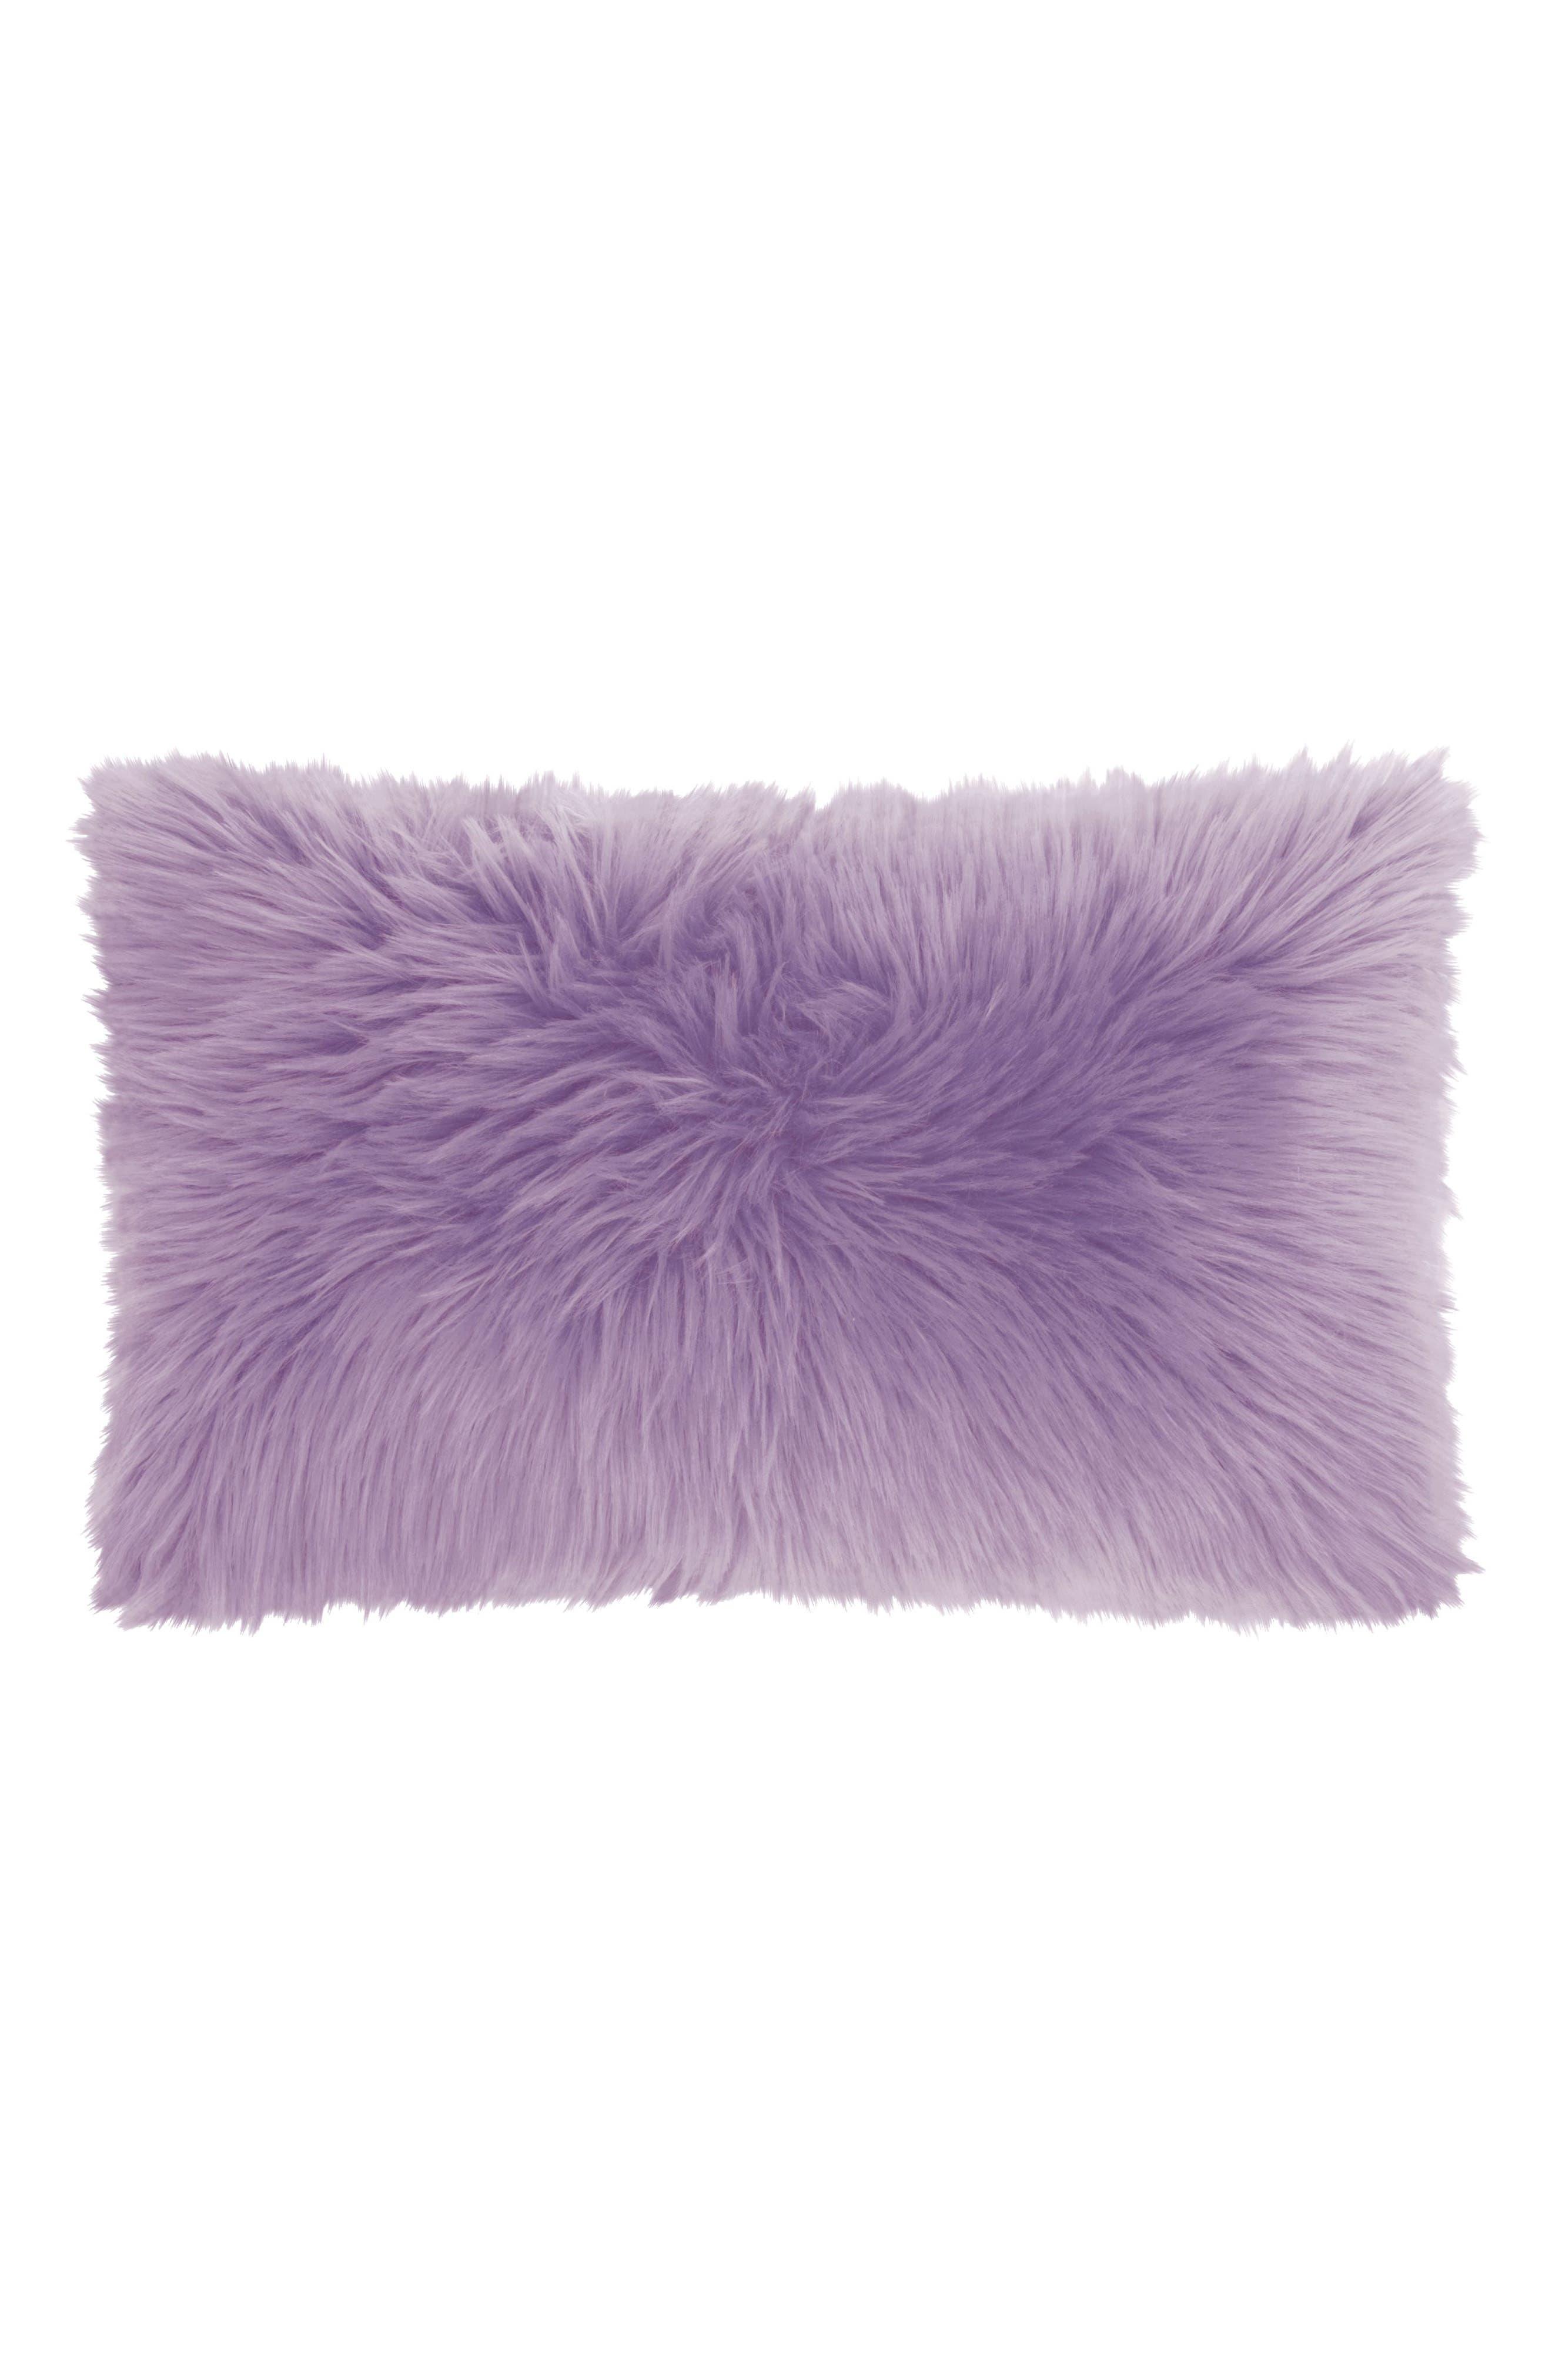 Faux Fur Pillow,                         Main,                         color, Lavender